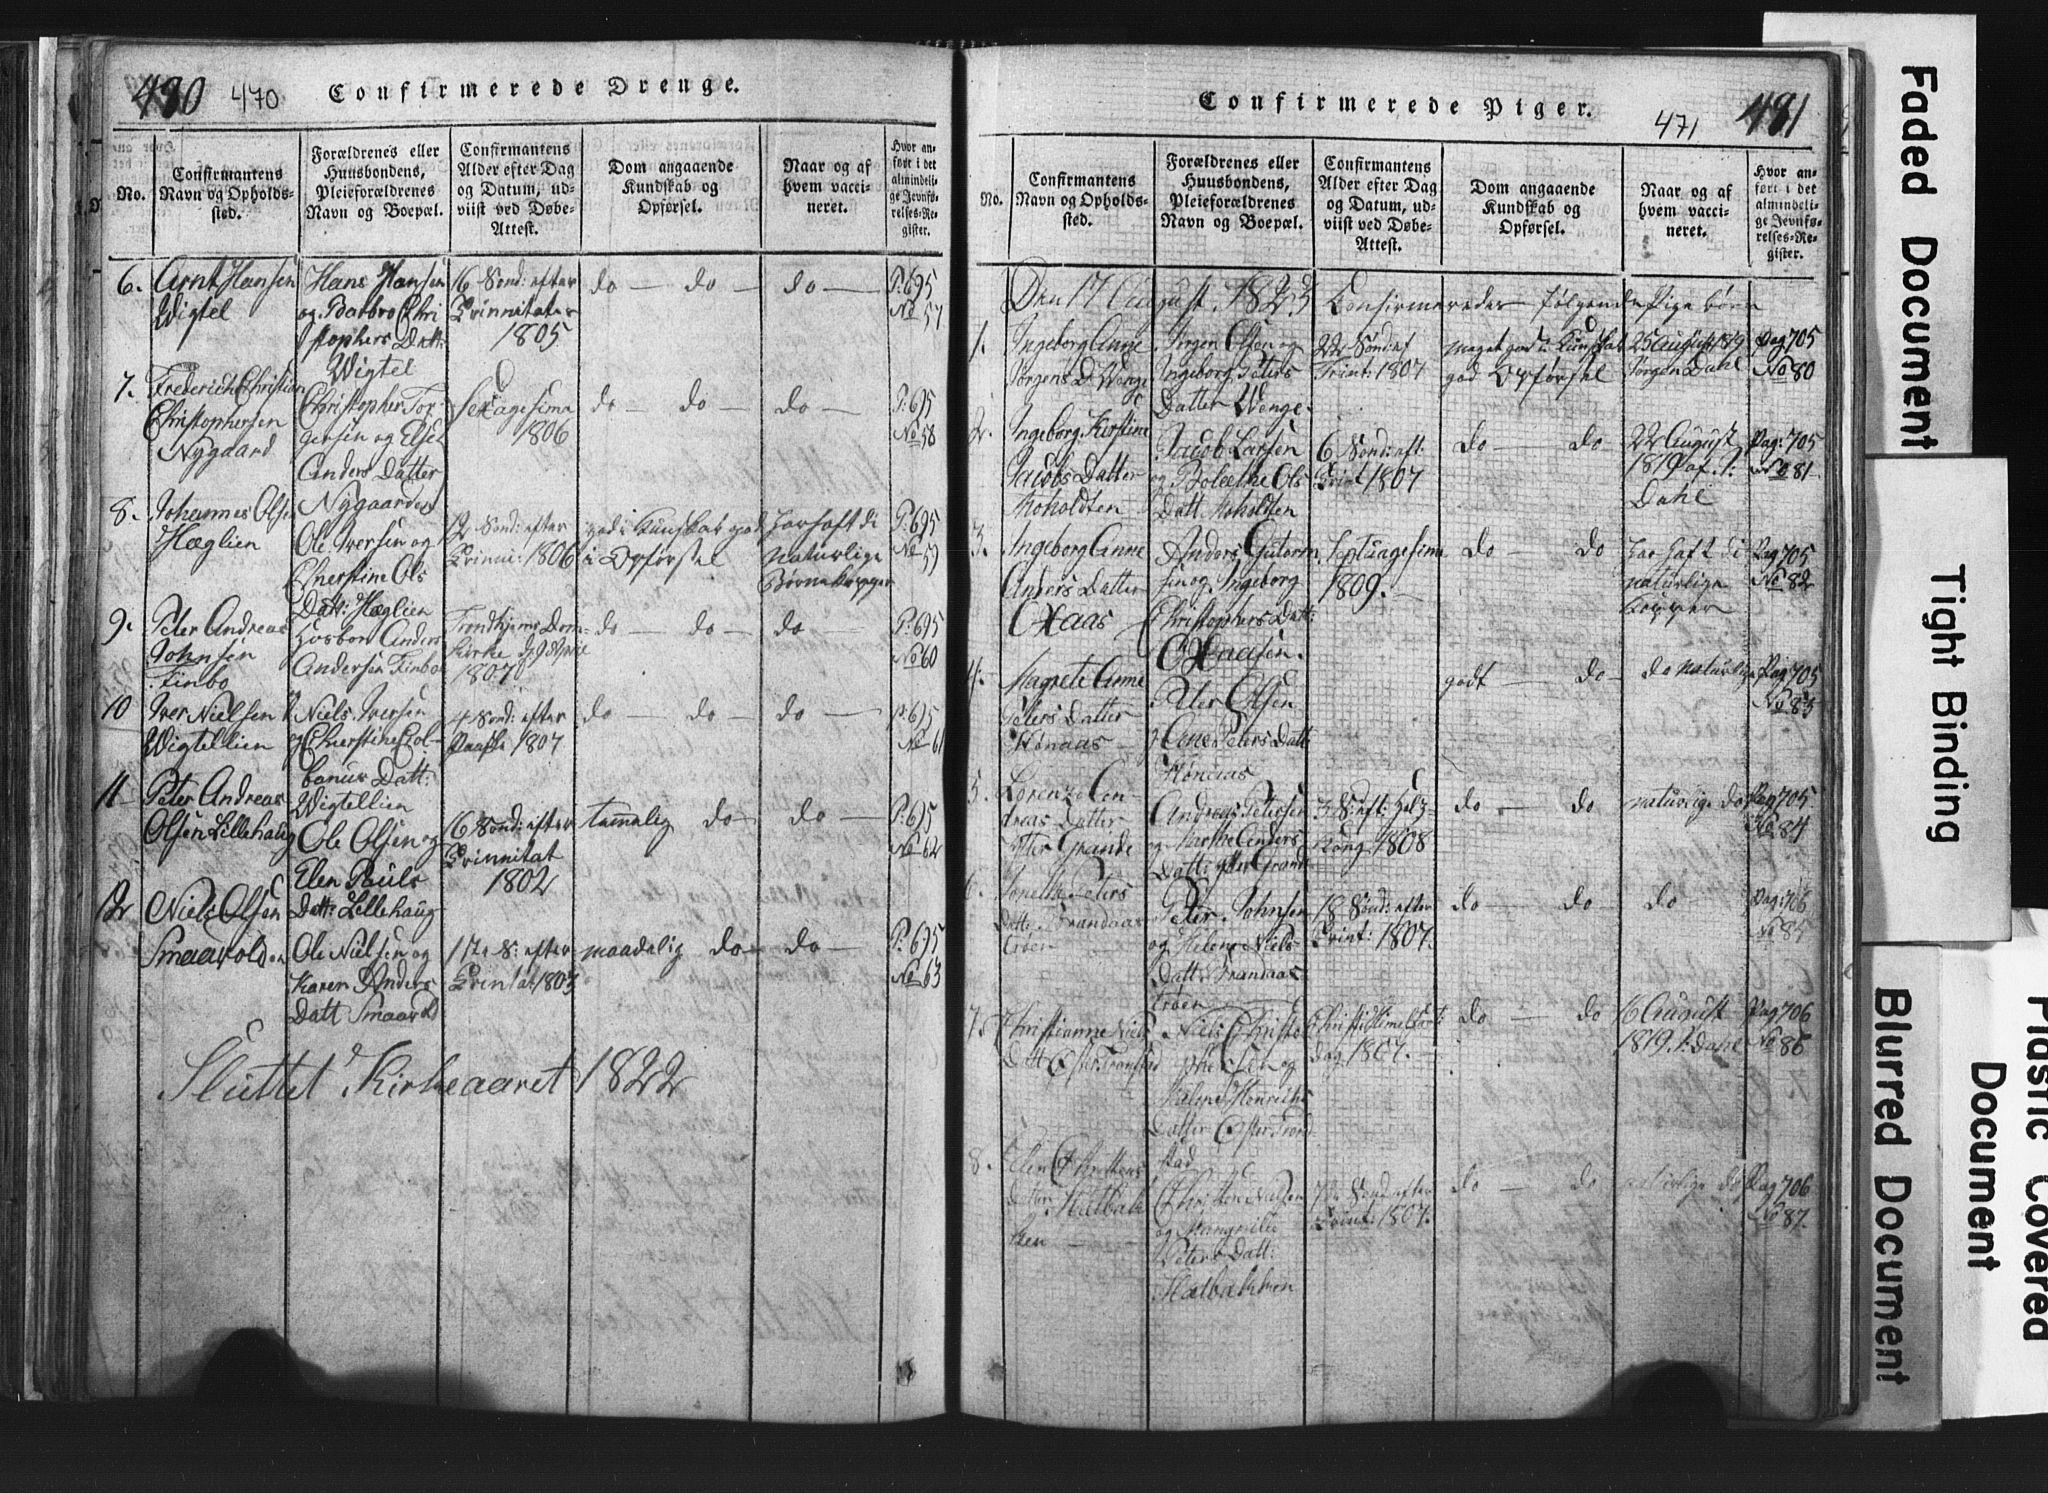 SAT, Ministerialprotokoller, klokkerbøker og fødselsregistre - Nord-Trøndelag, 701/L0017: Klokkerbok nr. 701C01, 1817-1825, s. 470-471